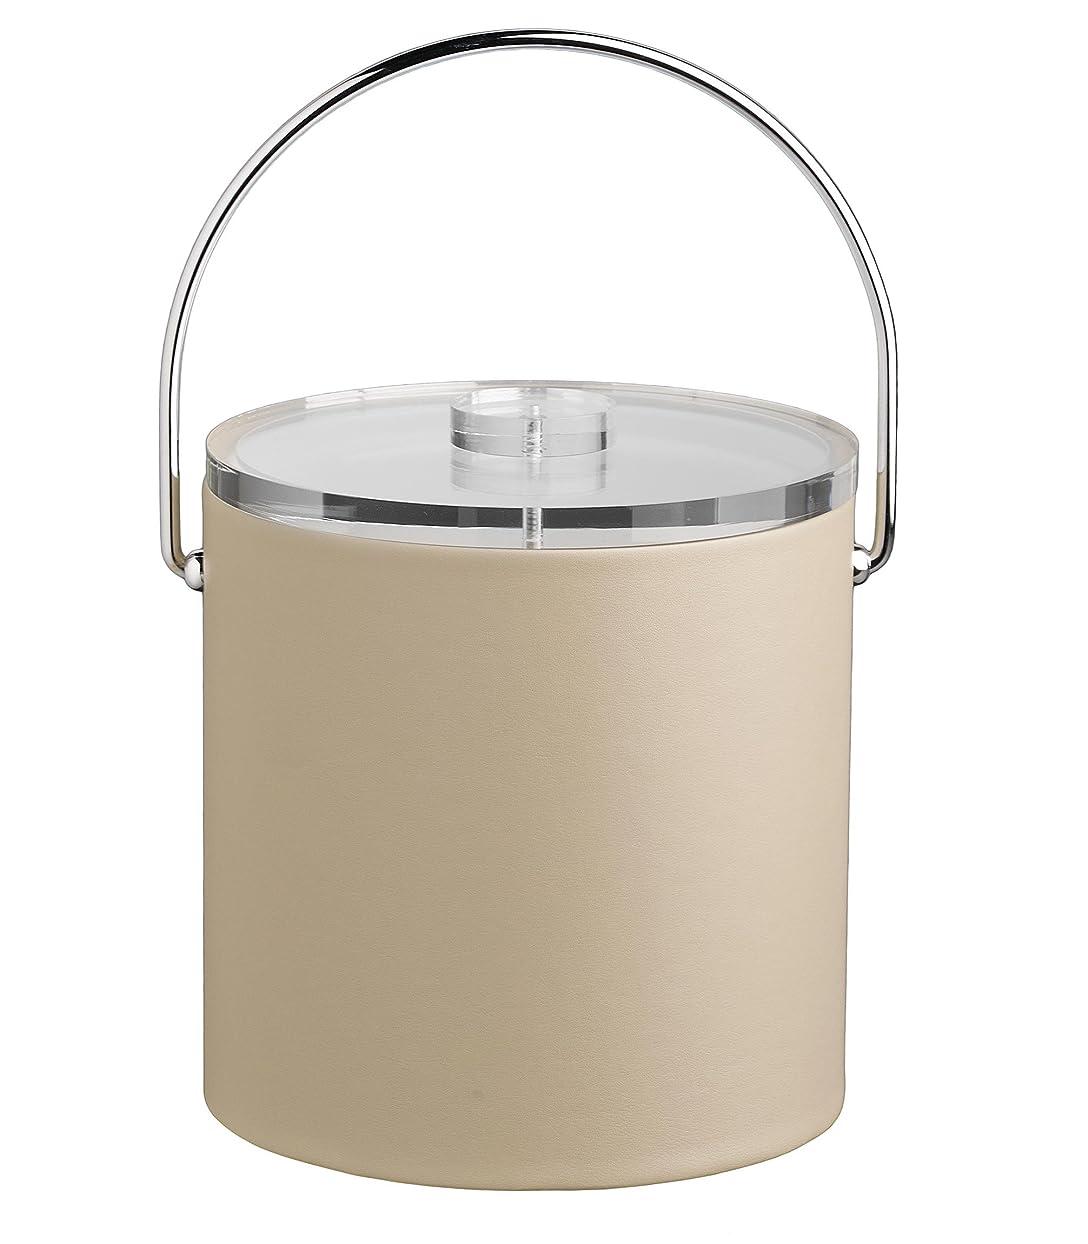 浴始まり瀬戸際Kraftware corp. Contempo 3-quart Ice Bucket with Thick Lucite、Baleハンドル、NOトリム 3クォート ブラウン 51562